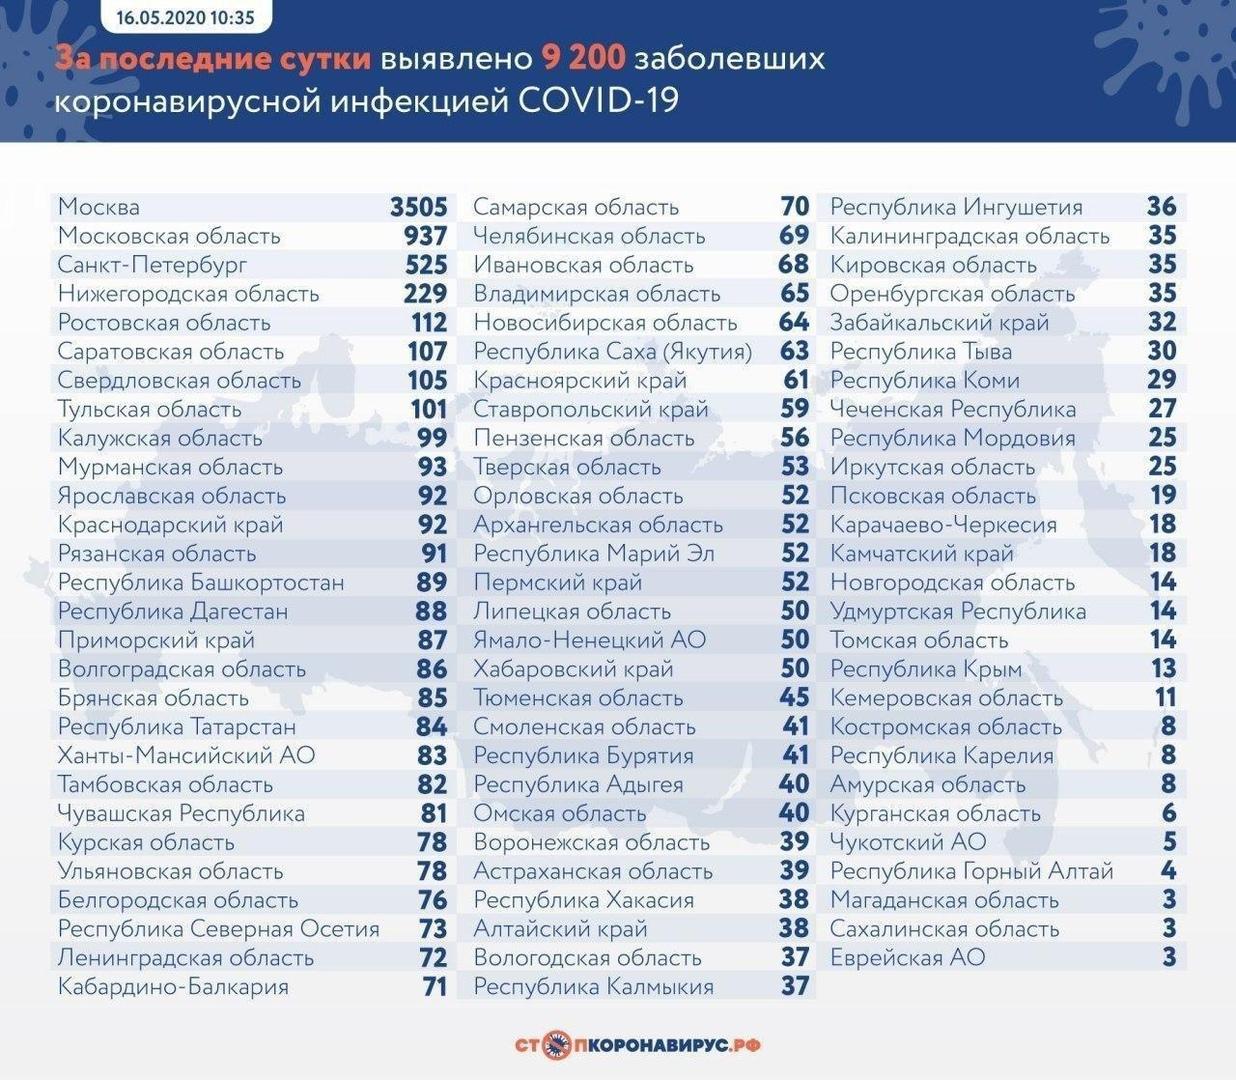 За сутки у 9200 россиян зафиксировали коронавирус